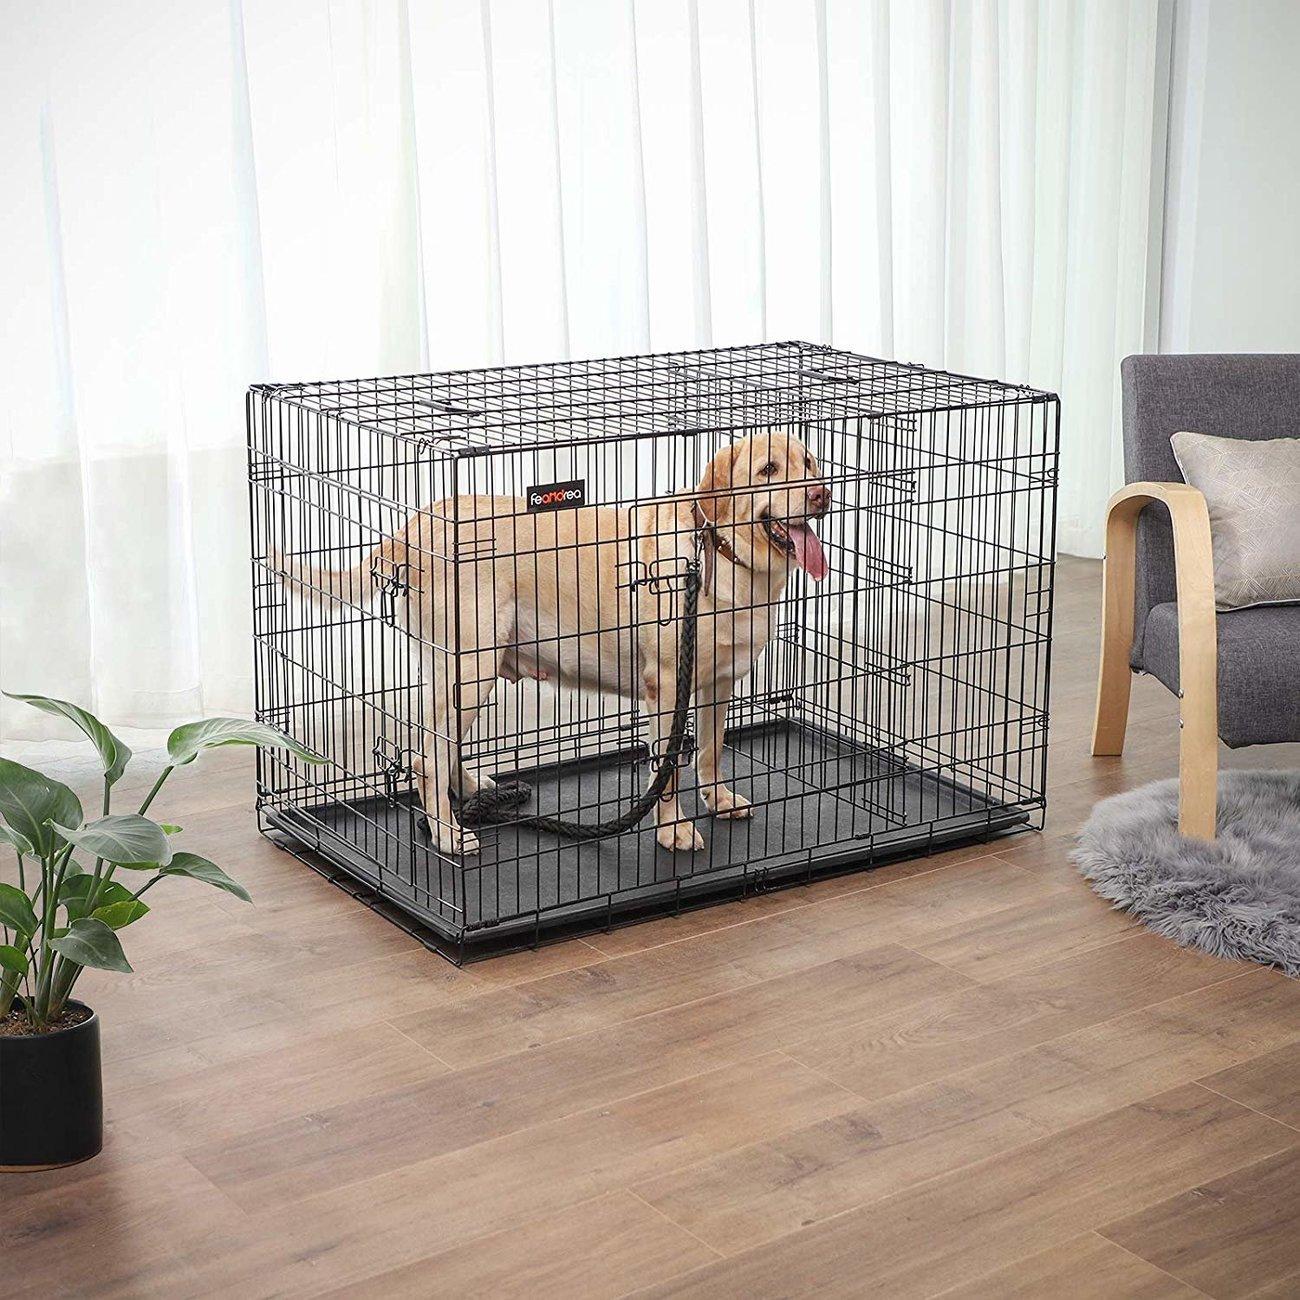 FEANDREA Hundekäfig, Hundebox mit Trennwand, 2 Türen, Bild 13